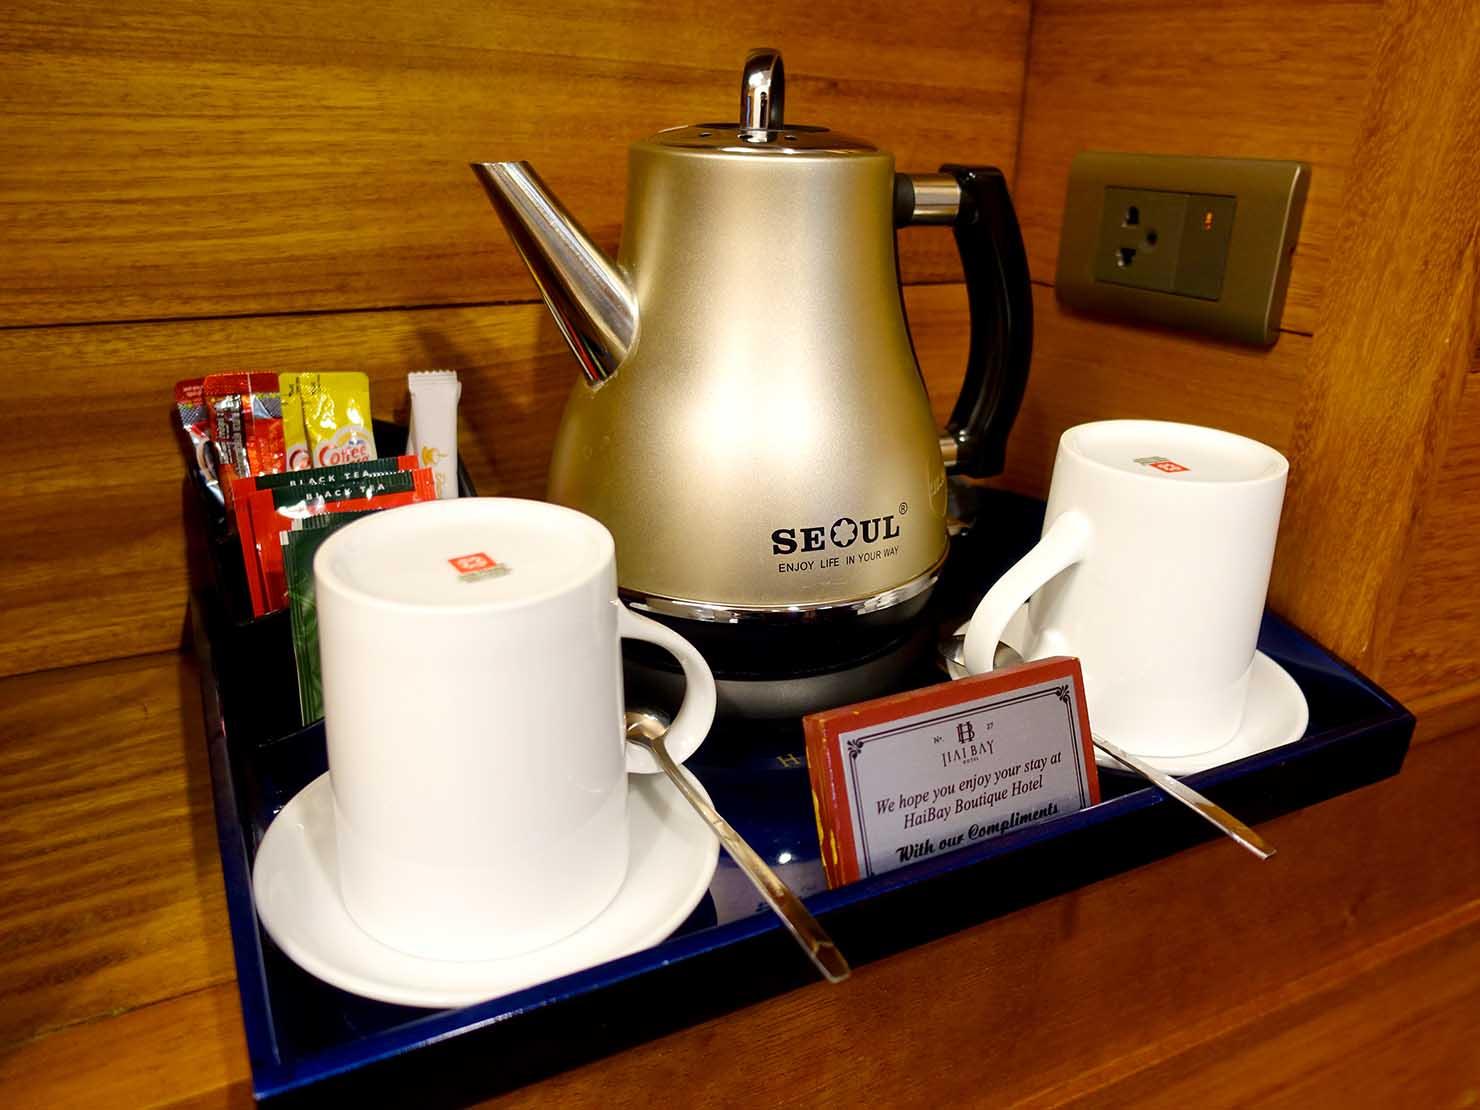 ハノイ旧市街ど真ん中の観光に便利なおすすめホテル「Hai Bay Hotel」エグゼクティブ・ダブルルームのポット